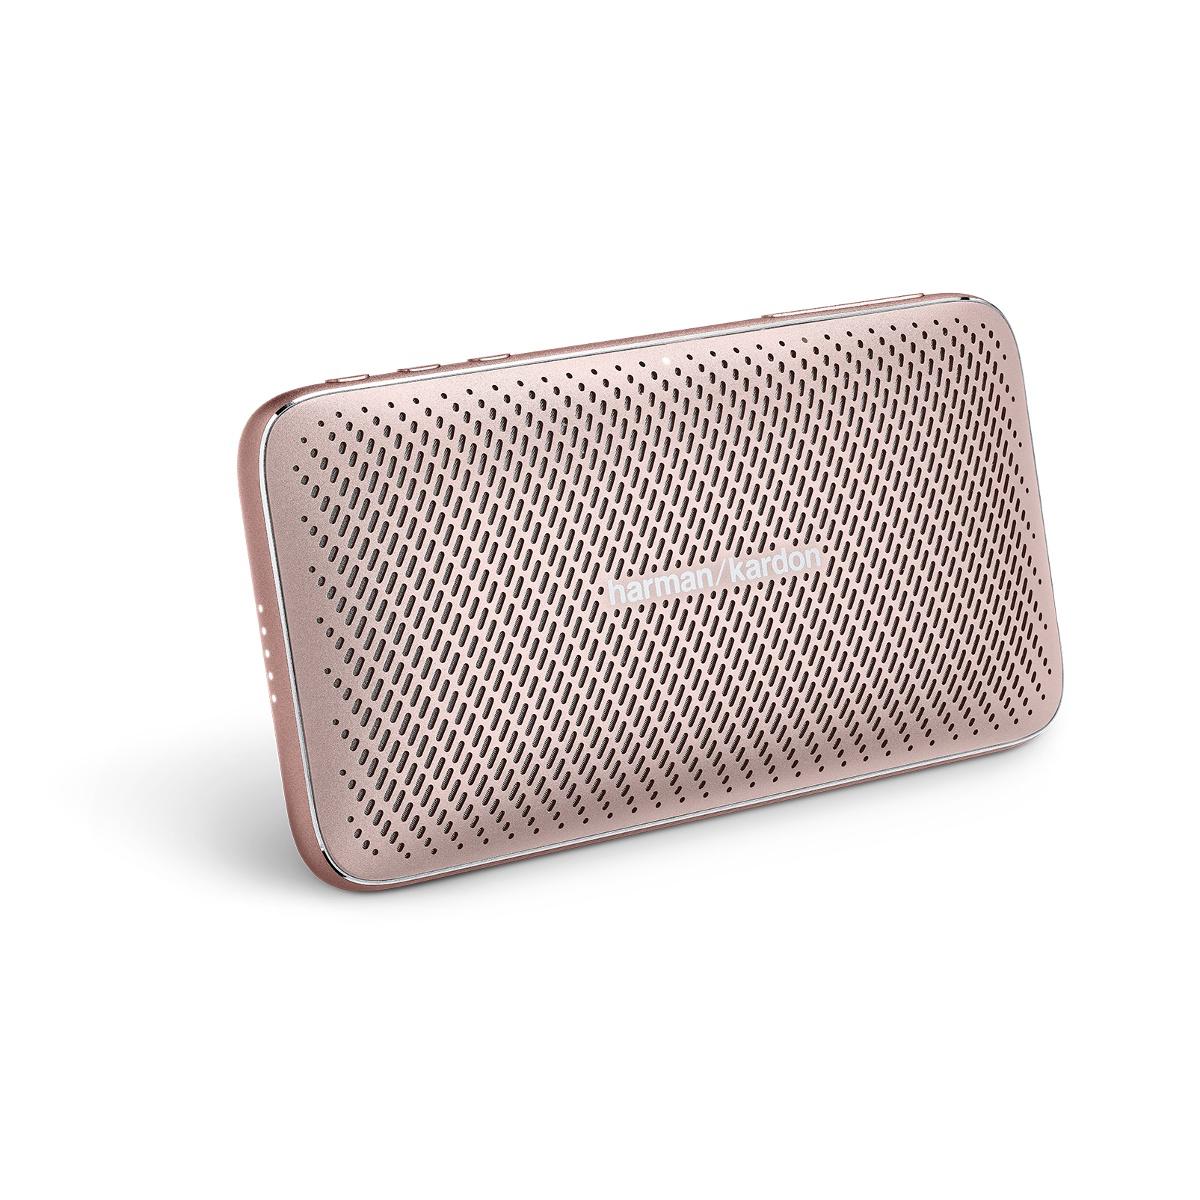 Беспроводная портативная акустическая система Harman/Kardon Esquire Mini 2 розовая (1/6)